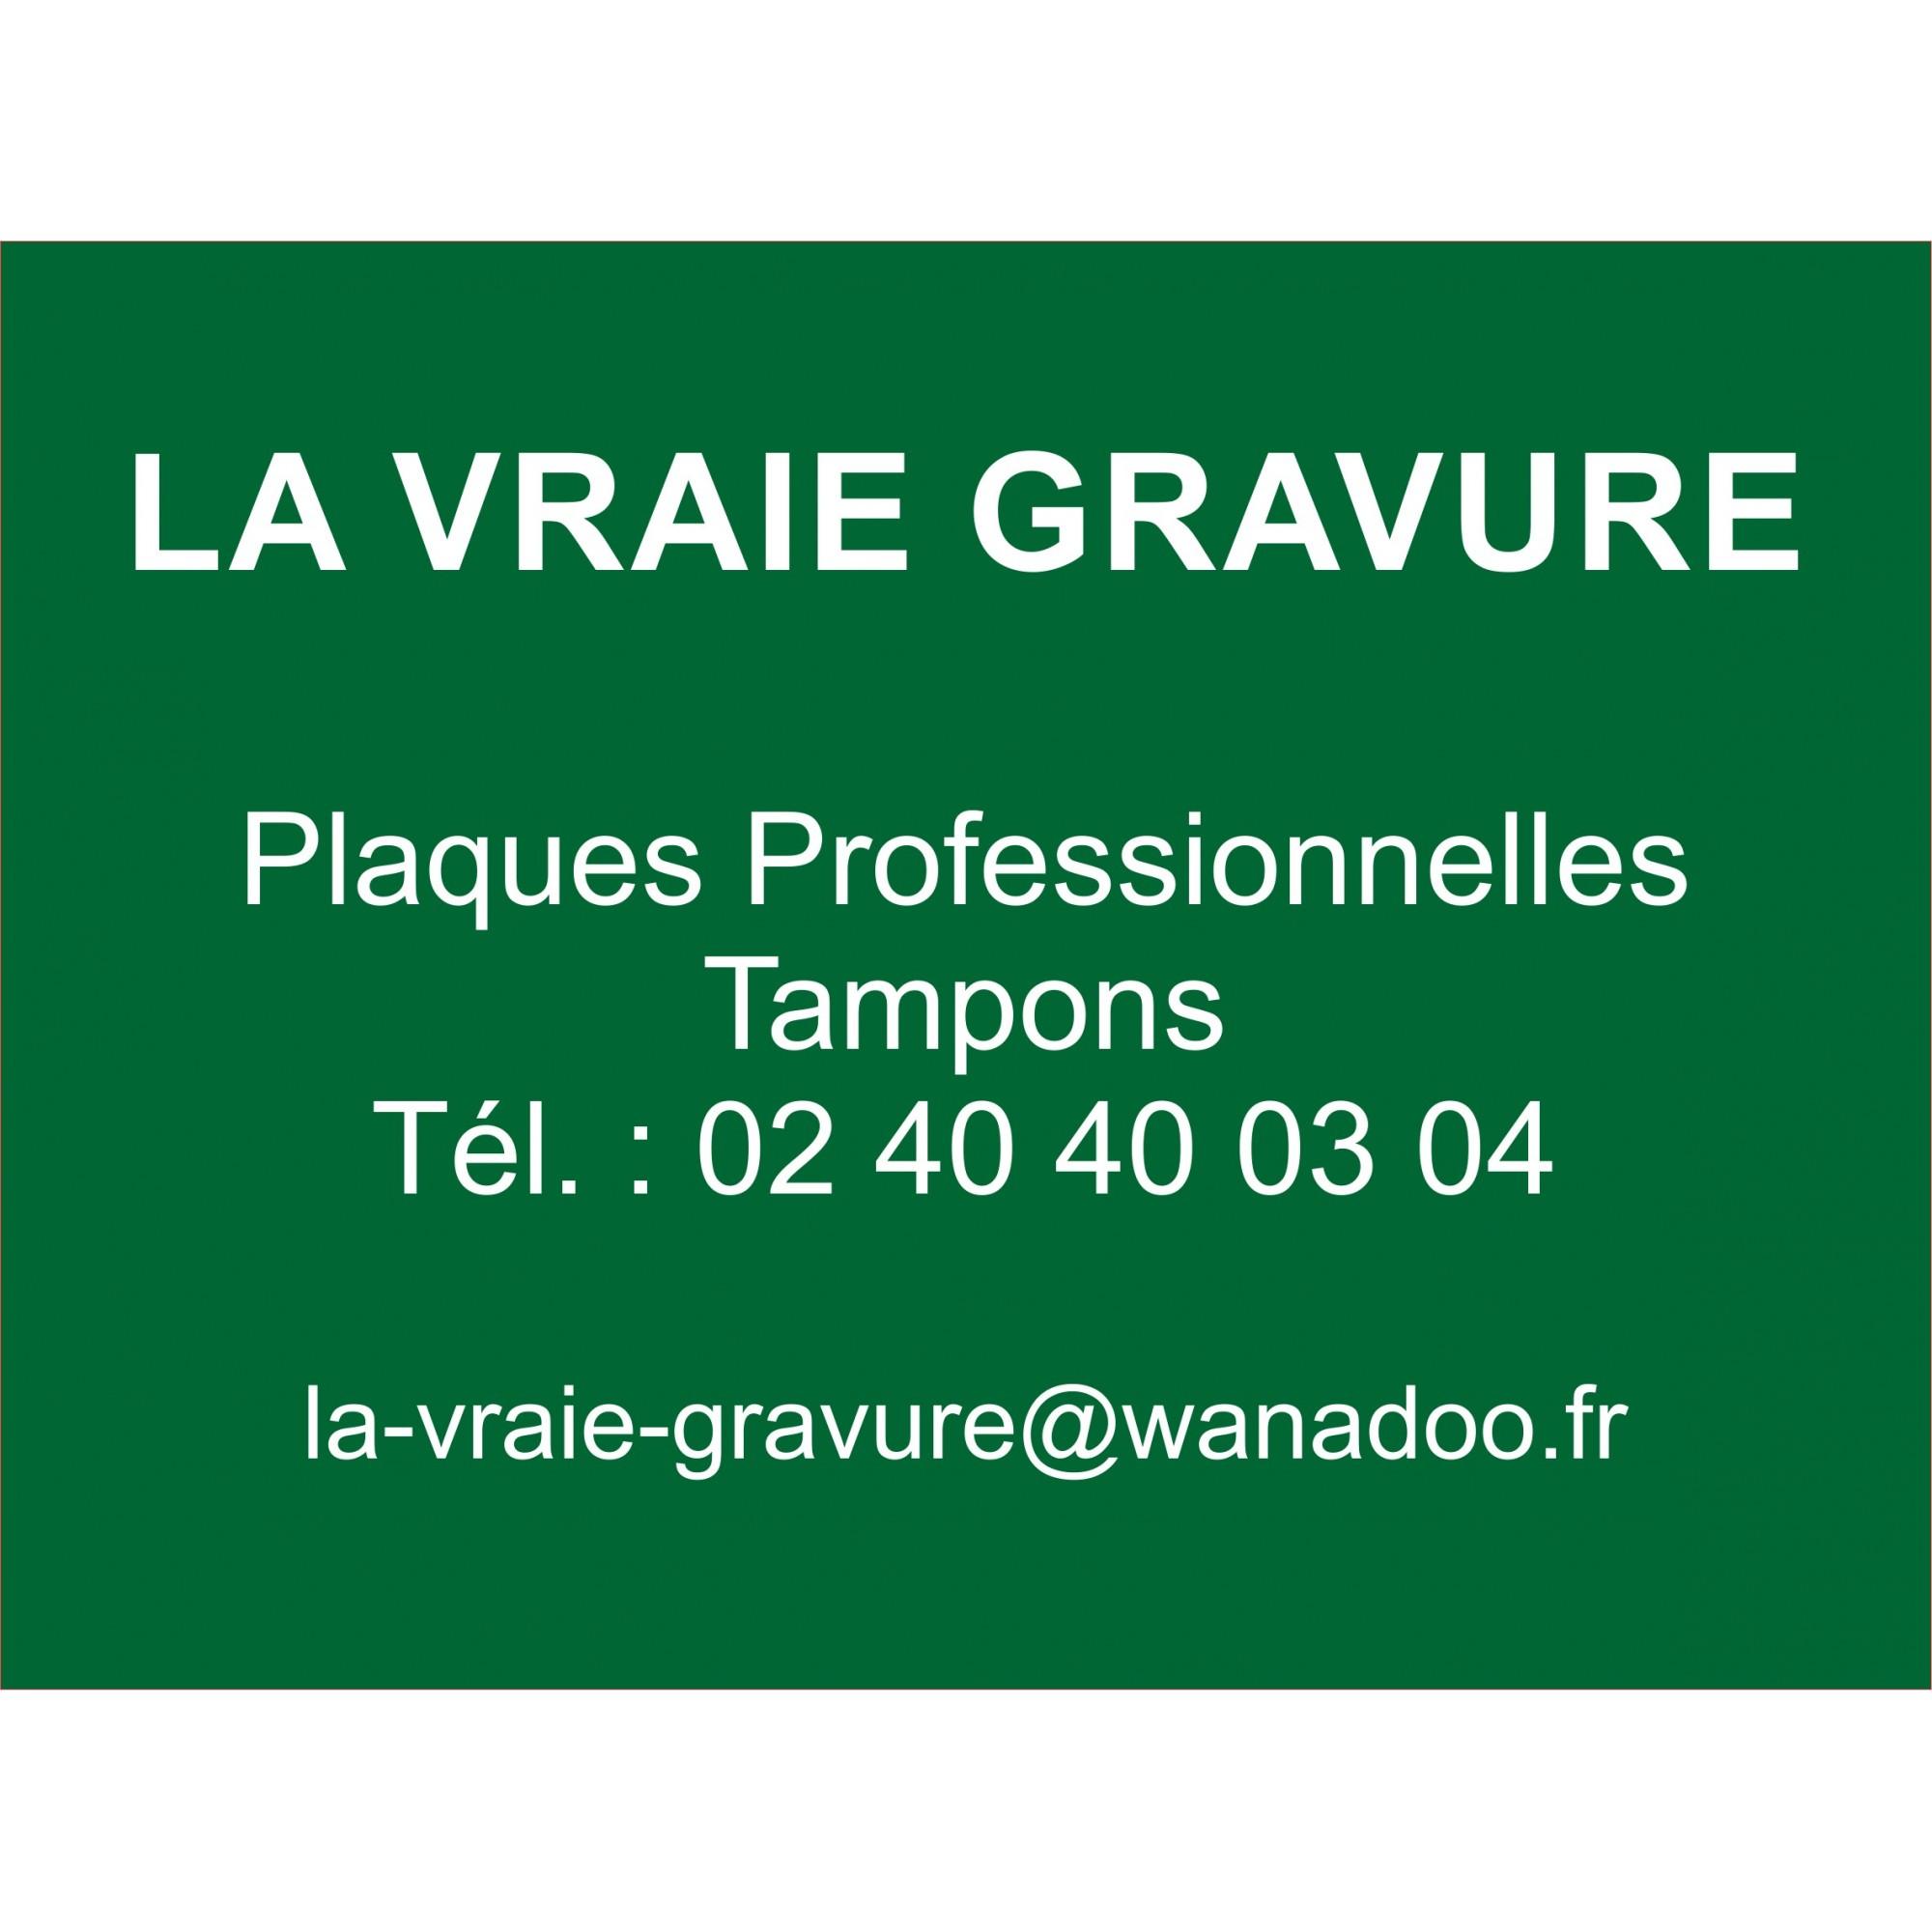 PLAQUE PLEXI GRAVEE 40x30 CM COULEUR